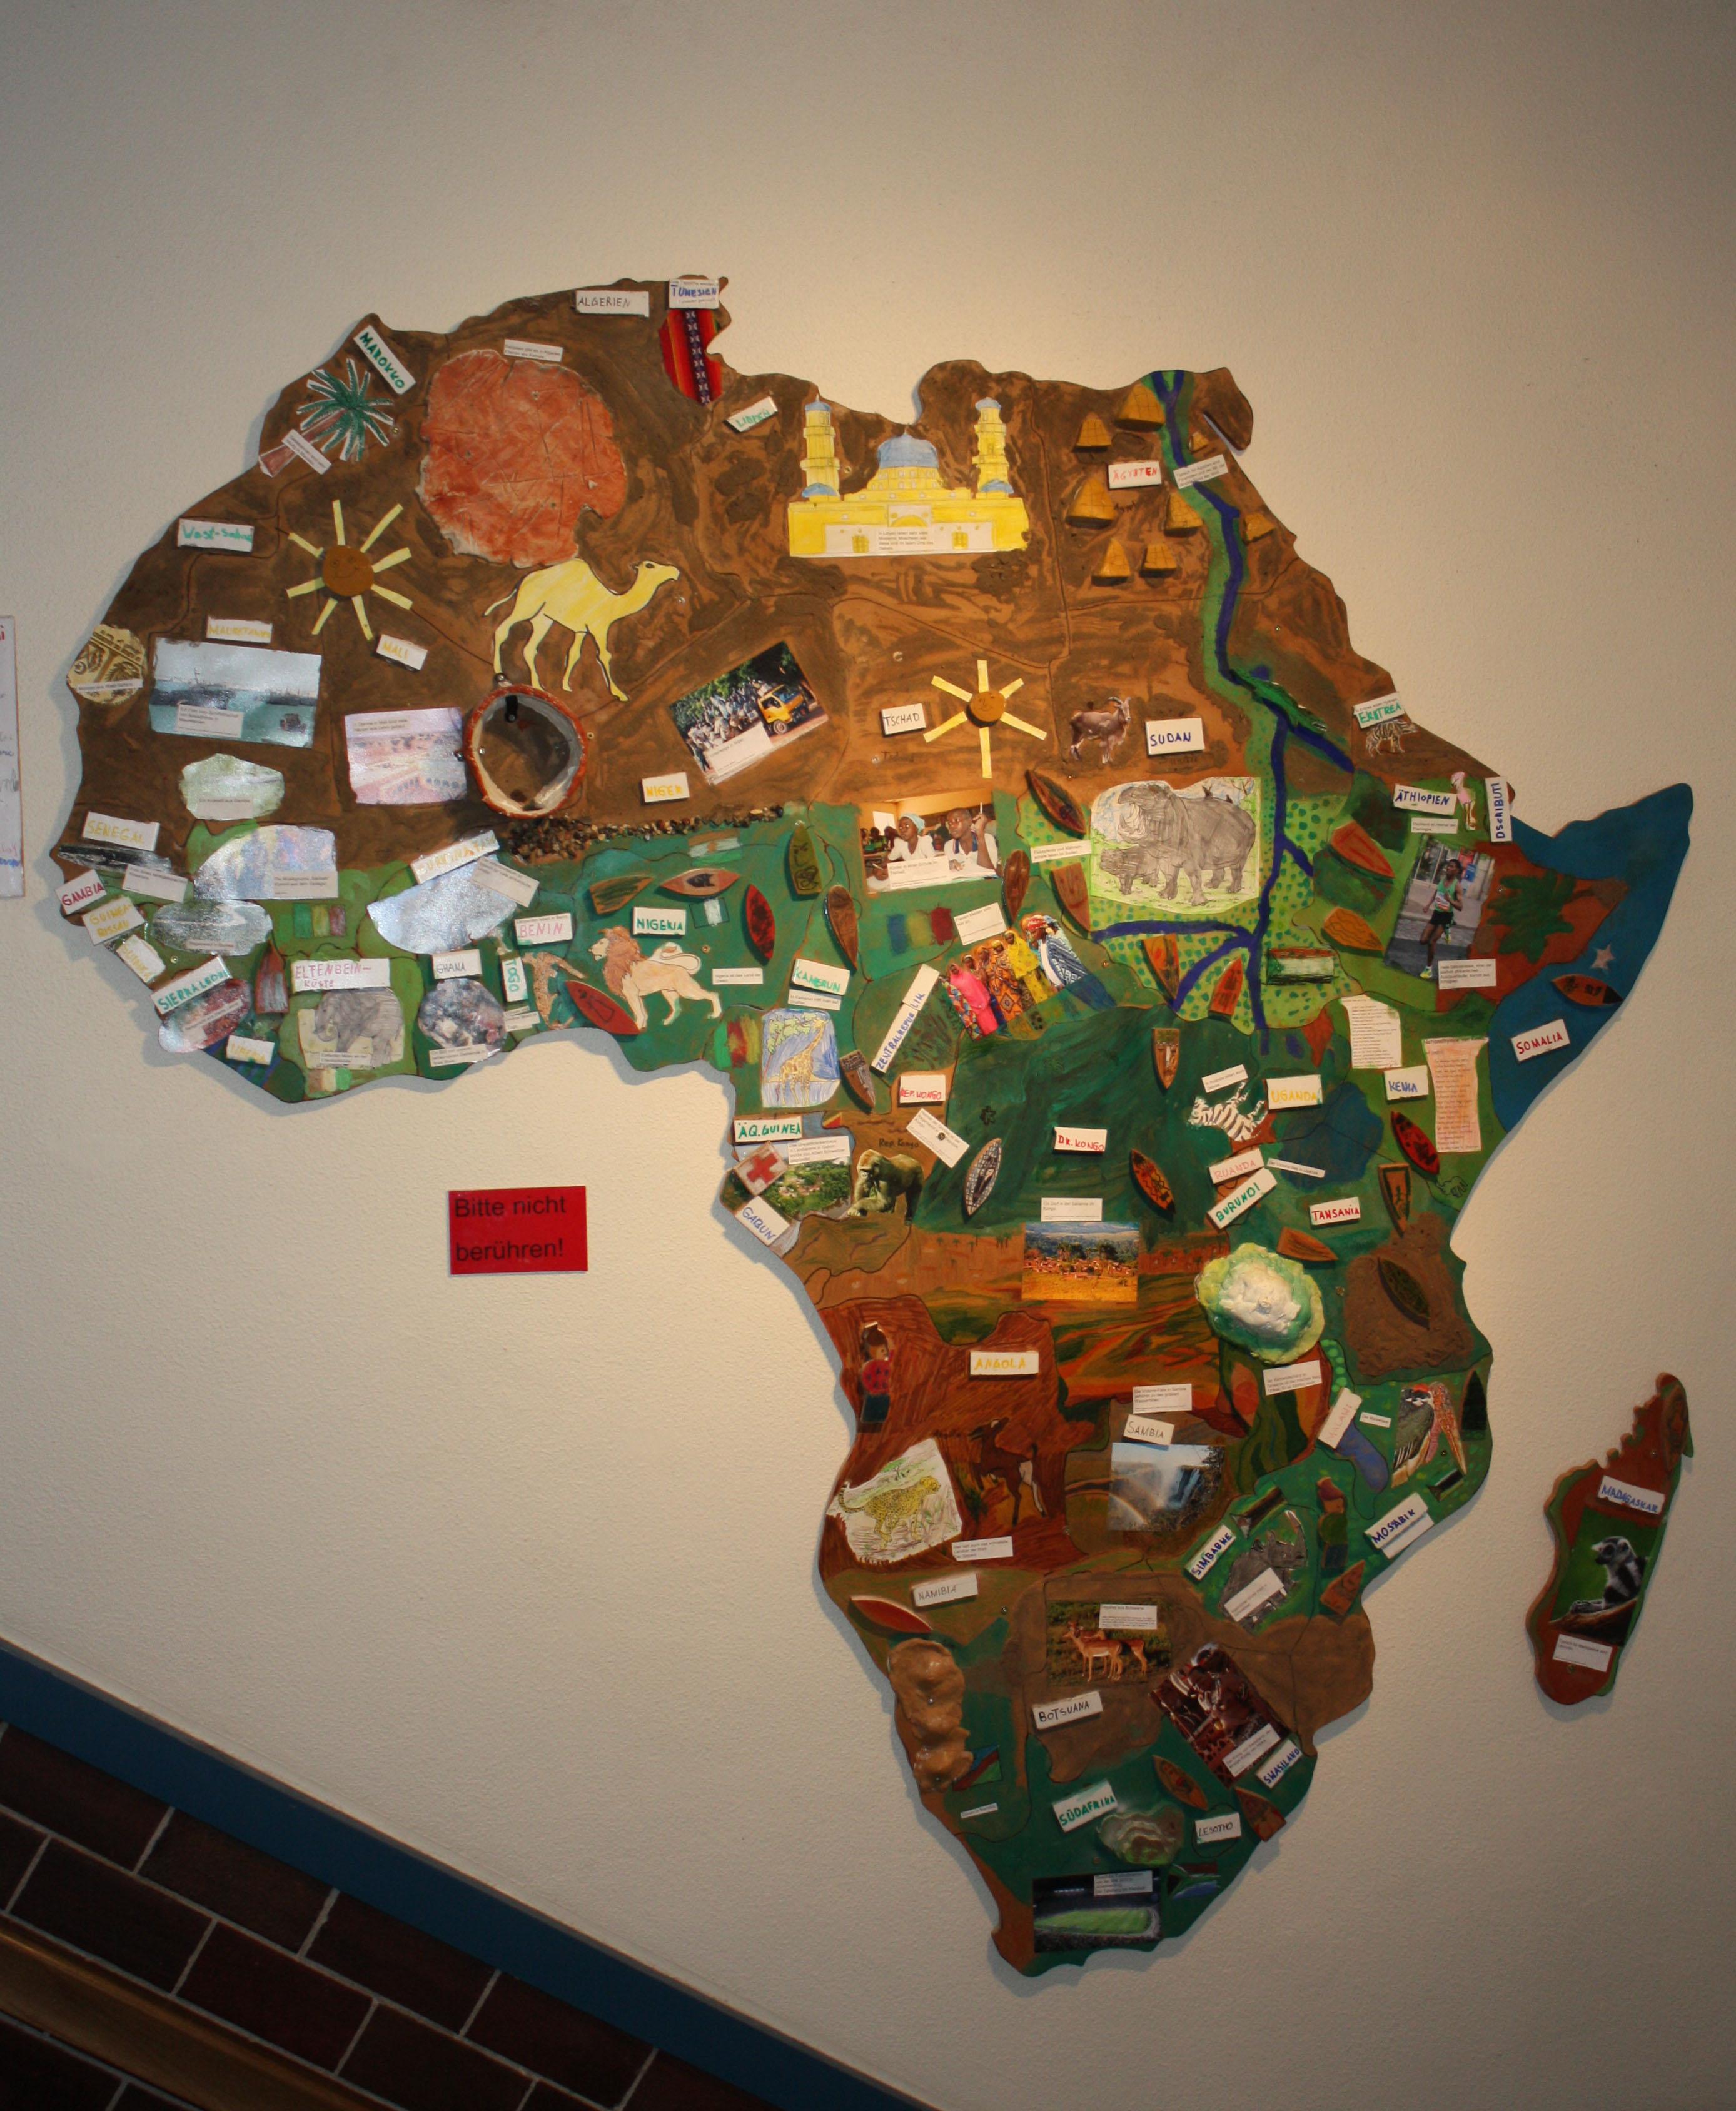 Afrika kennenlernen grundschule Bekanntschaften grafenau Du und ich partnervermittlung rödermark